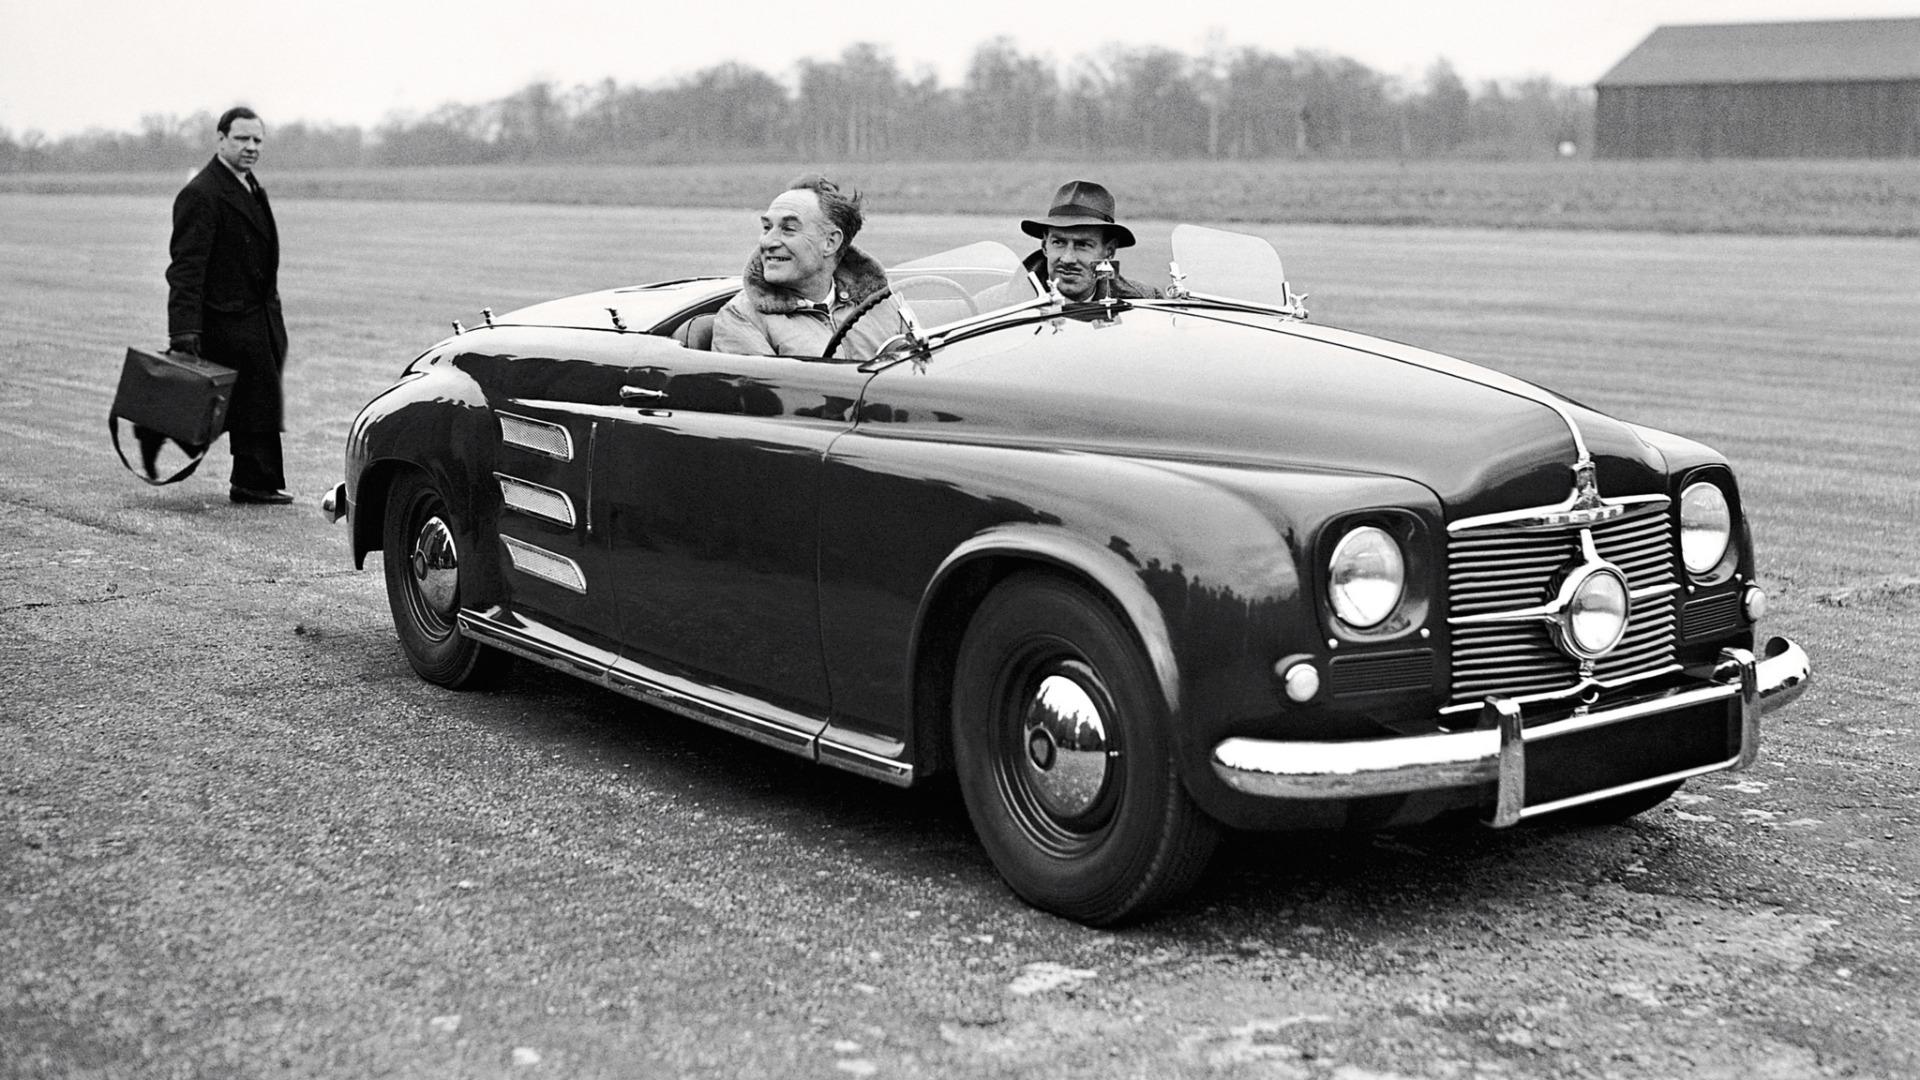 Rover skapte sensasjon da de bygde verdens første jetbil, Jet 1, i 1950.